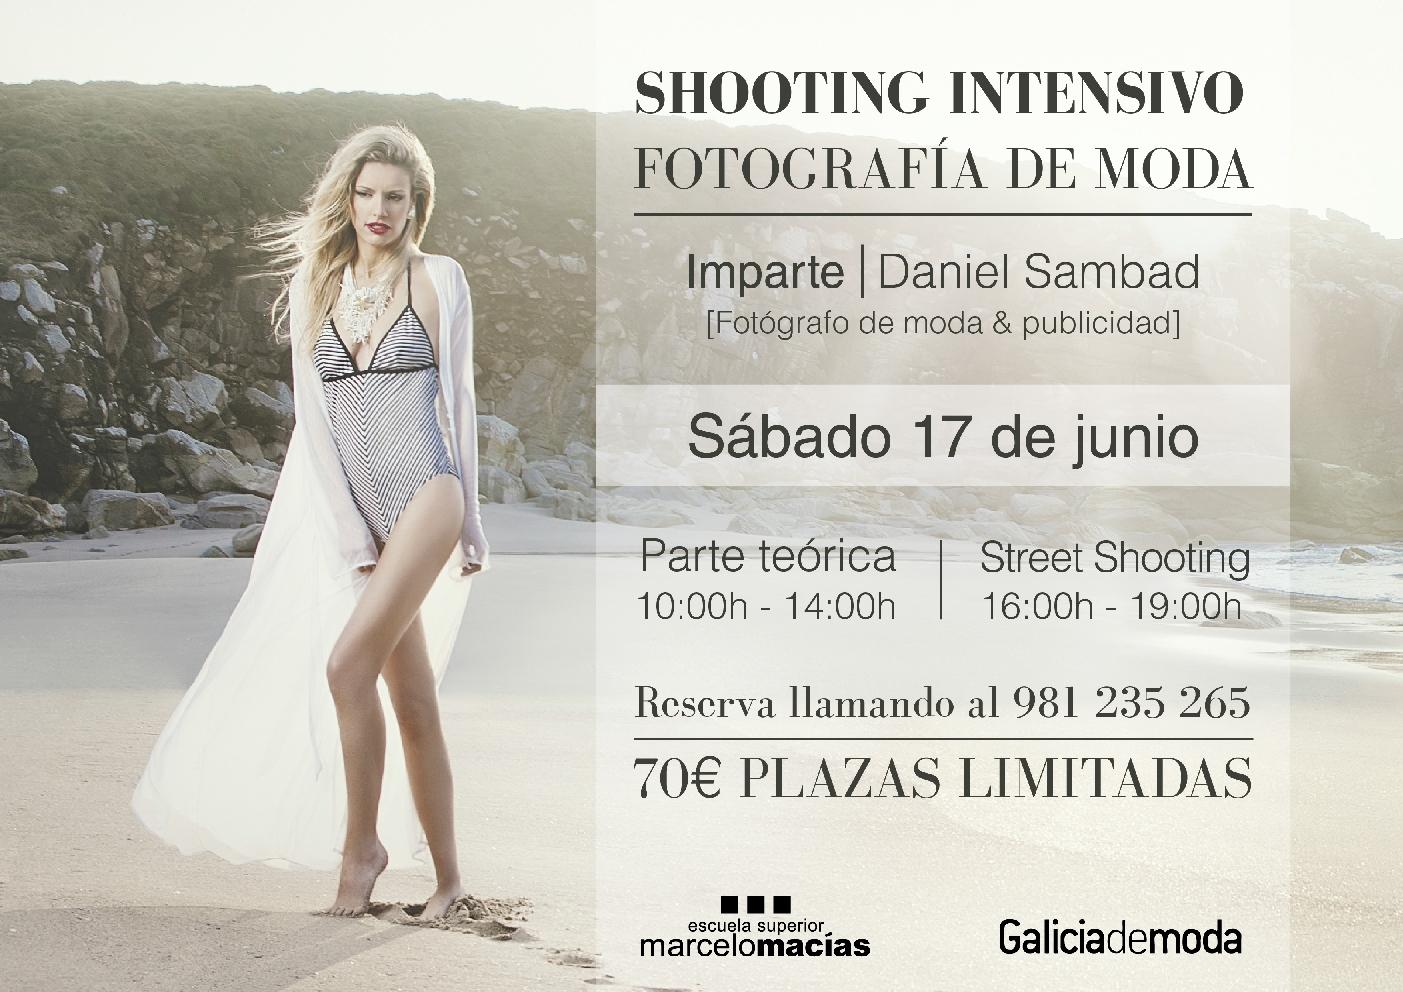 SHOOTING INTENSIVO FOTOGRAFÍA DE MODA